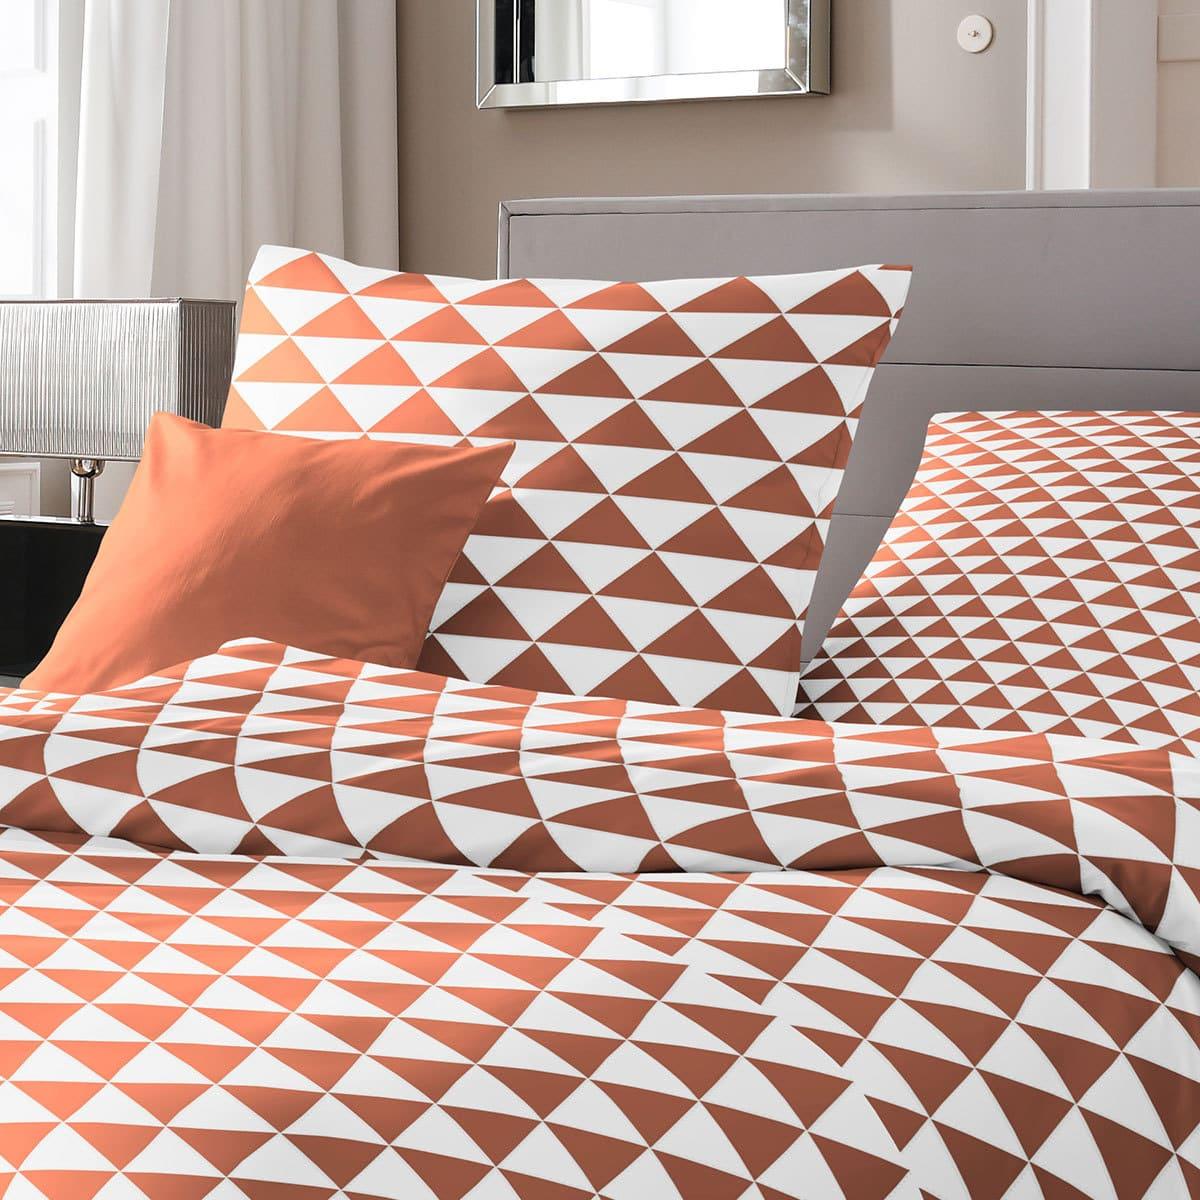 traumschlaf renforc bettw sche rauten orange g nstig online kaufen bei bettwaren shop. Black Bedroom Furniture Sets. Home Design Ideas